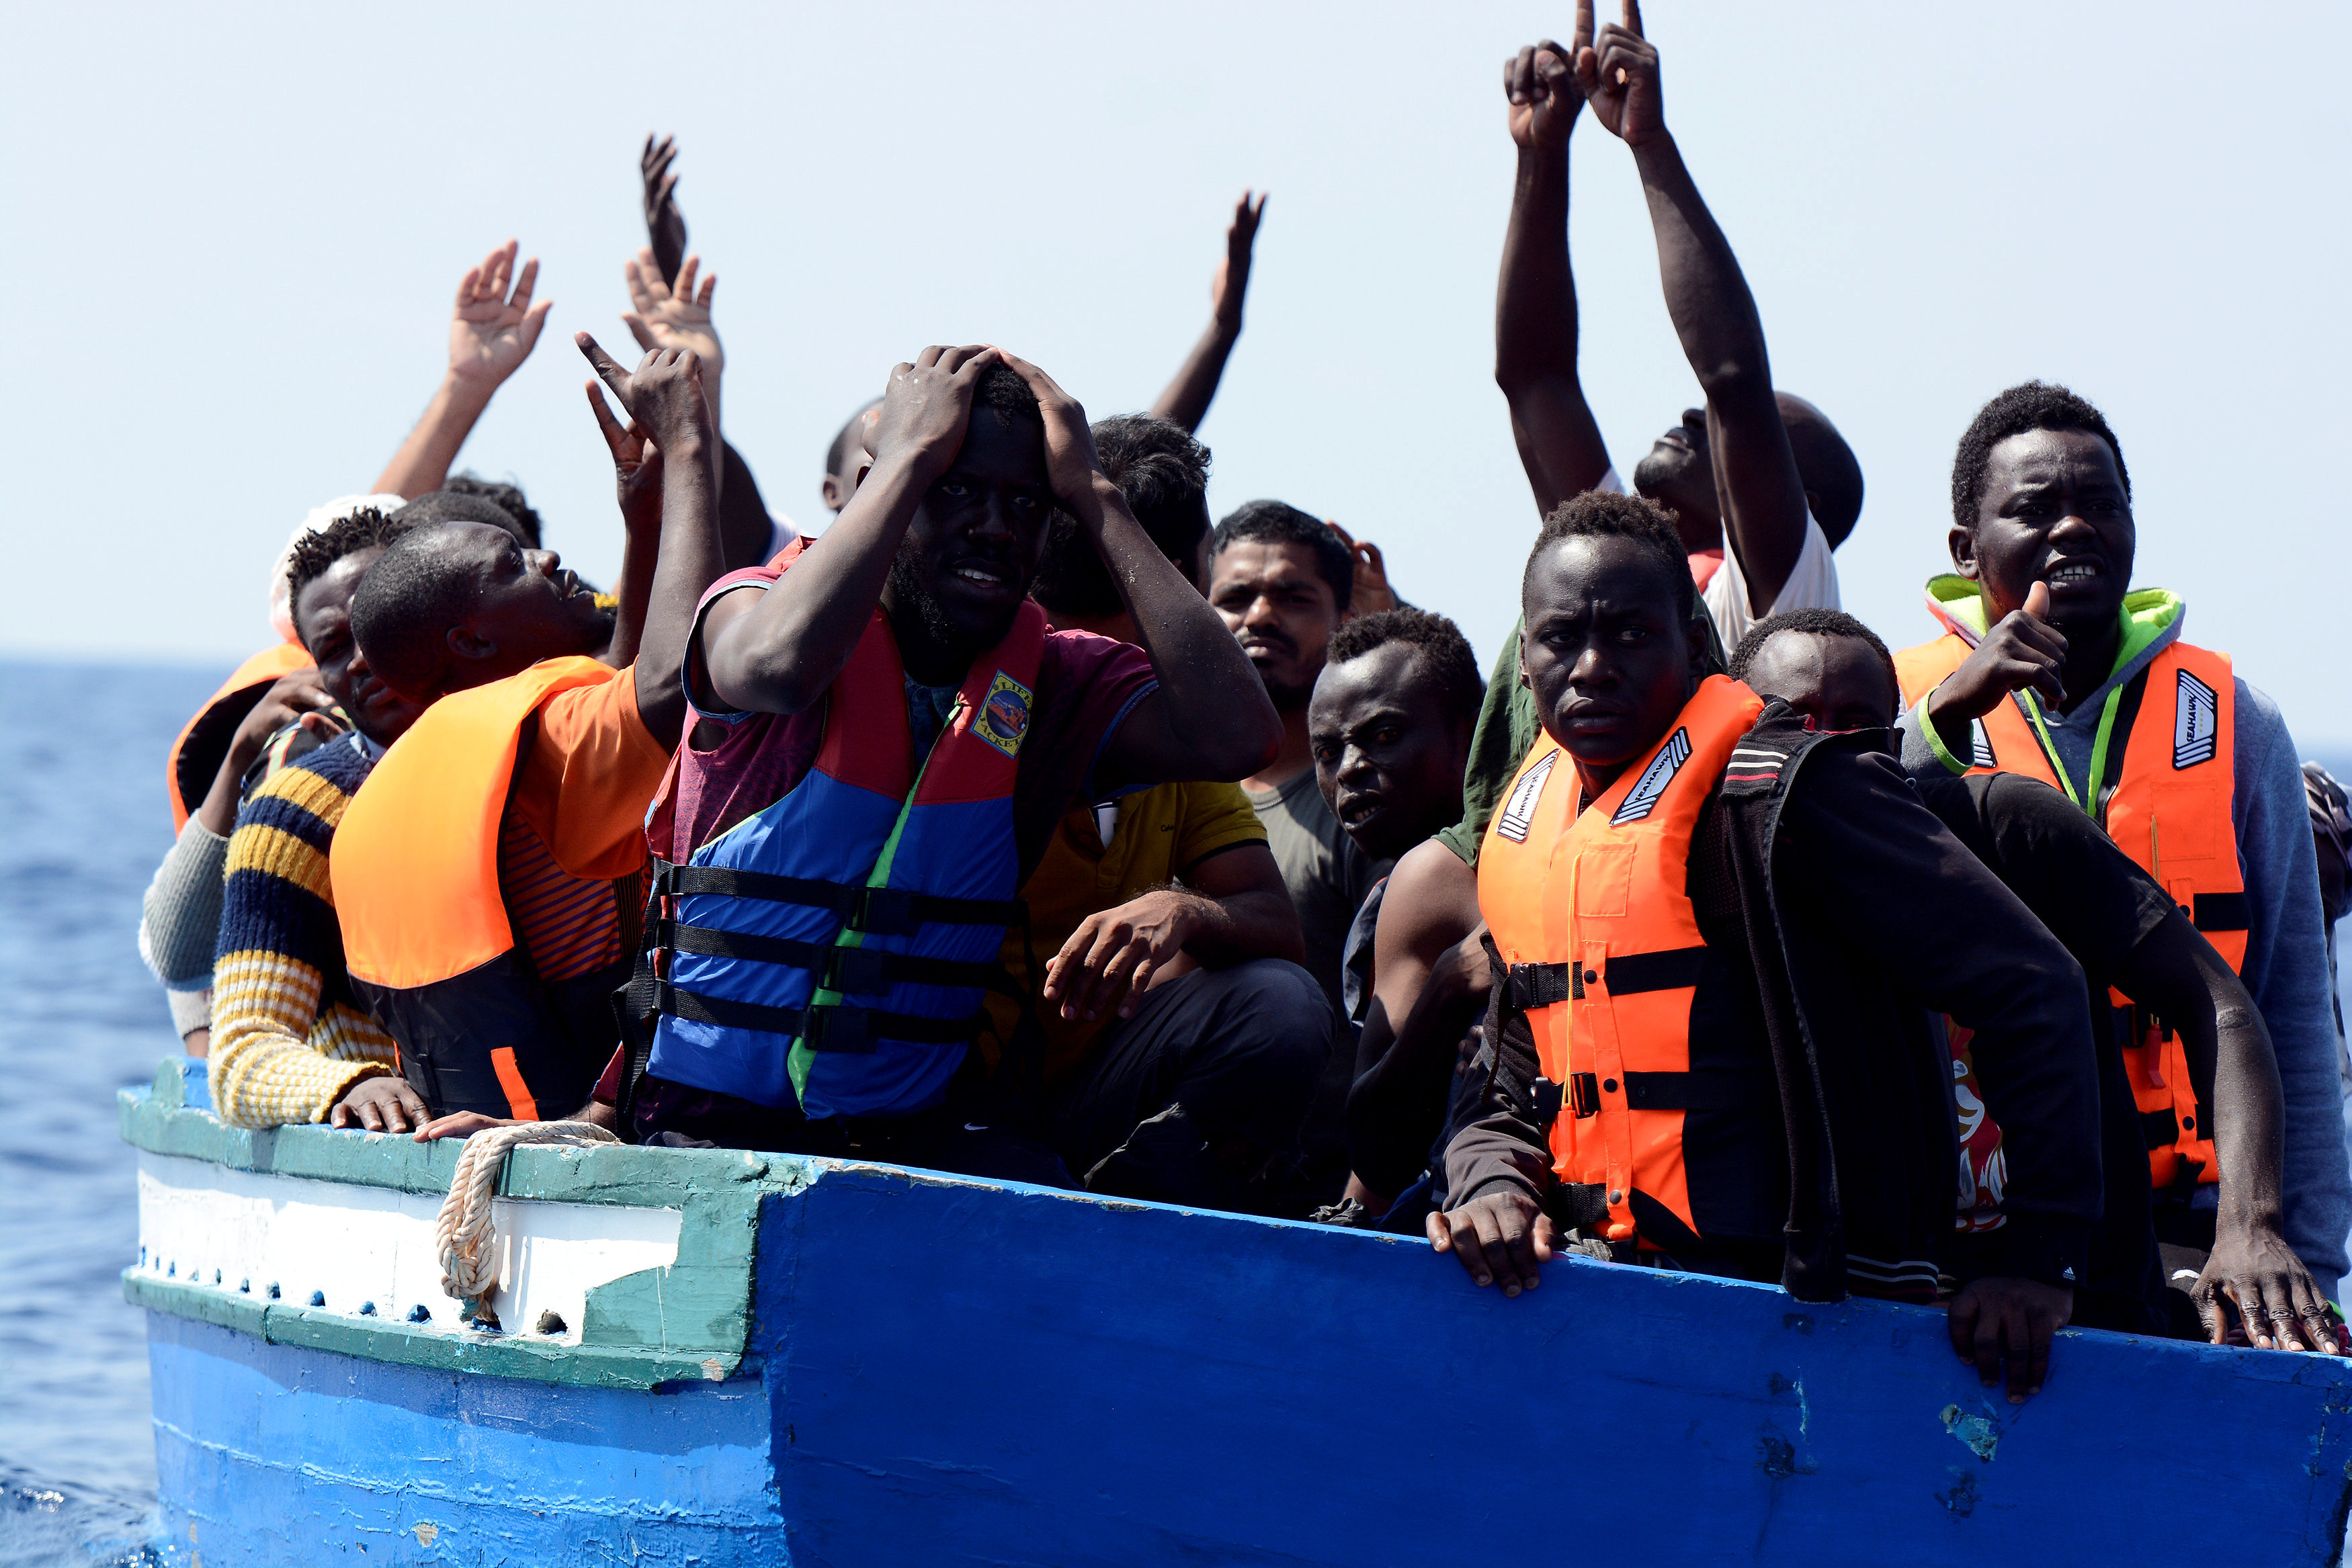 فرحة المهاجرين عقب رؤية سفينة الانقاذ